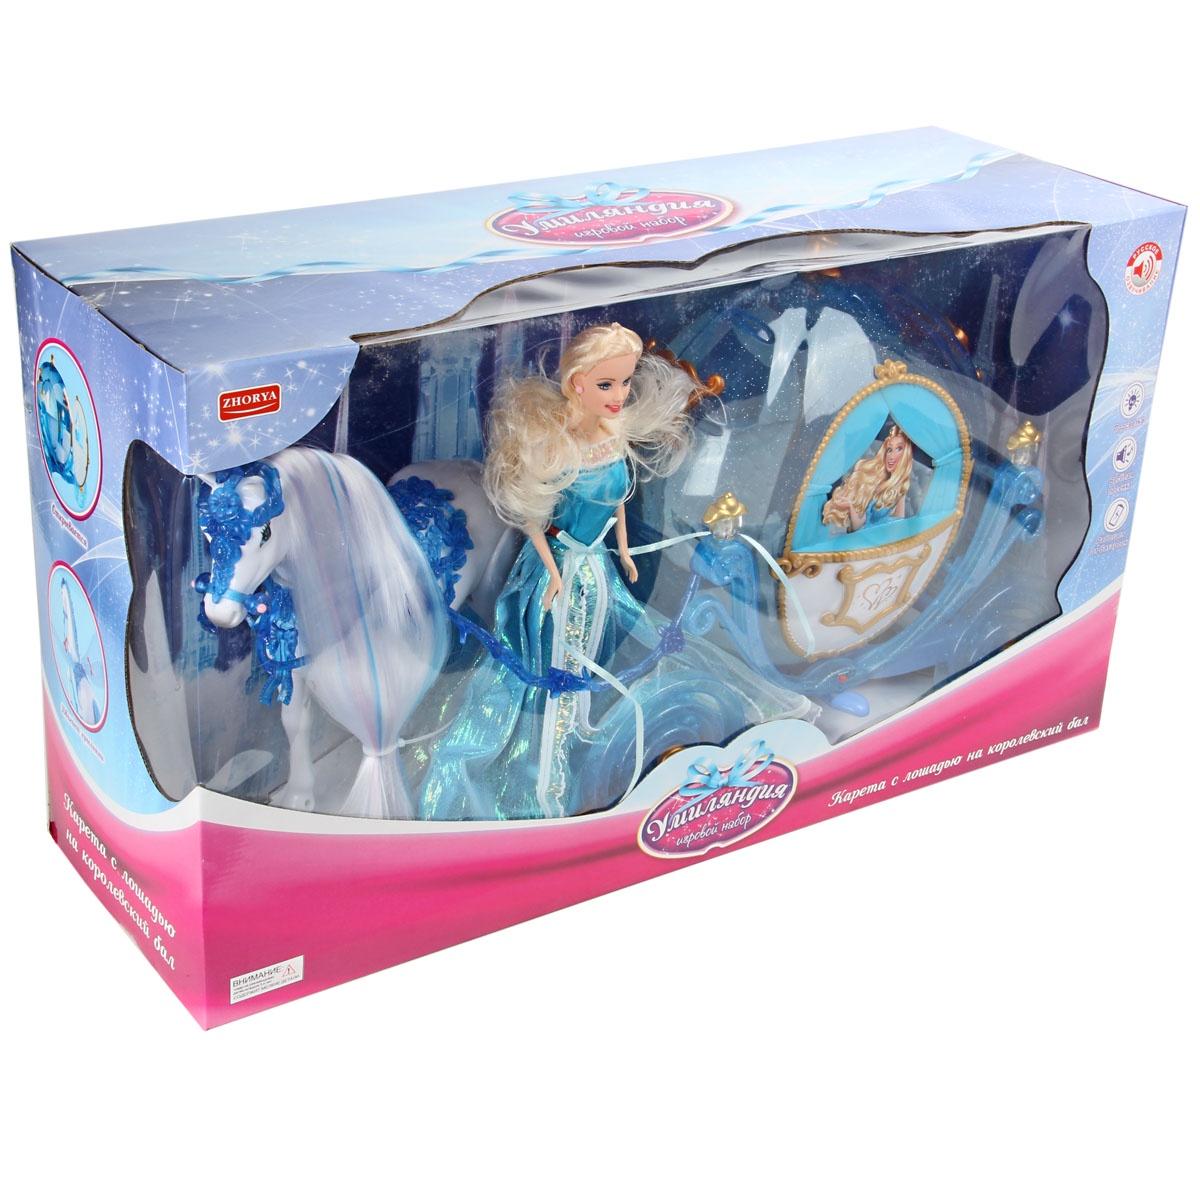 Игровой набор с куклой Veld Co 82418 veld co игровой набор с мини куклой русалка и морской конек цвет желтый розовый